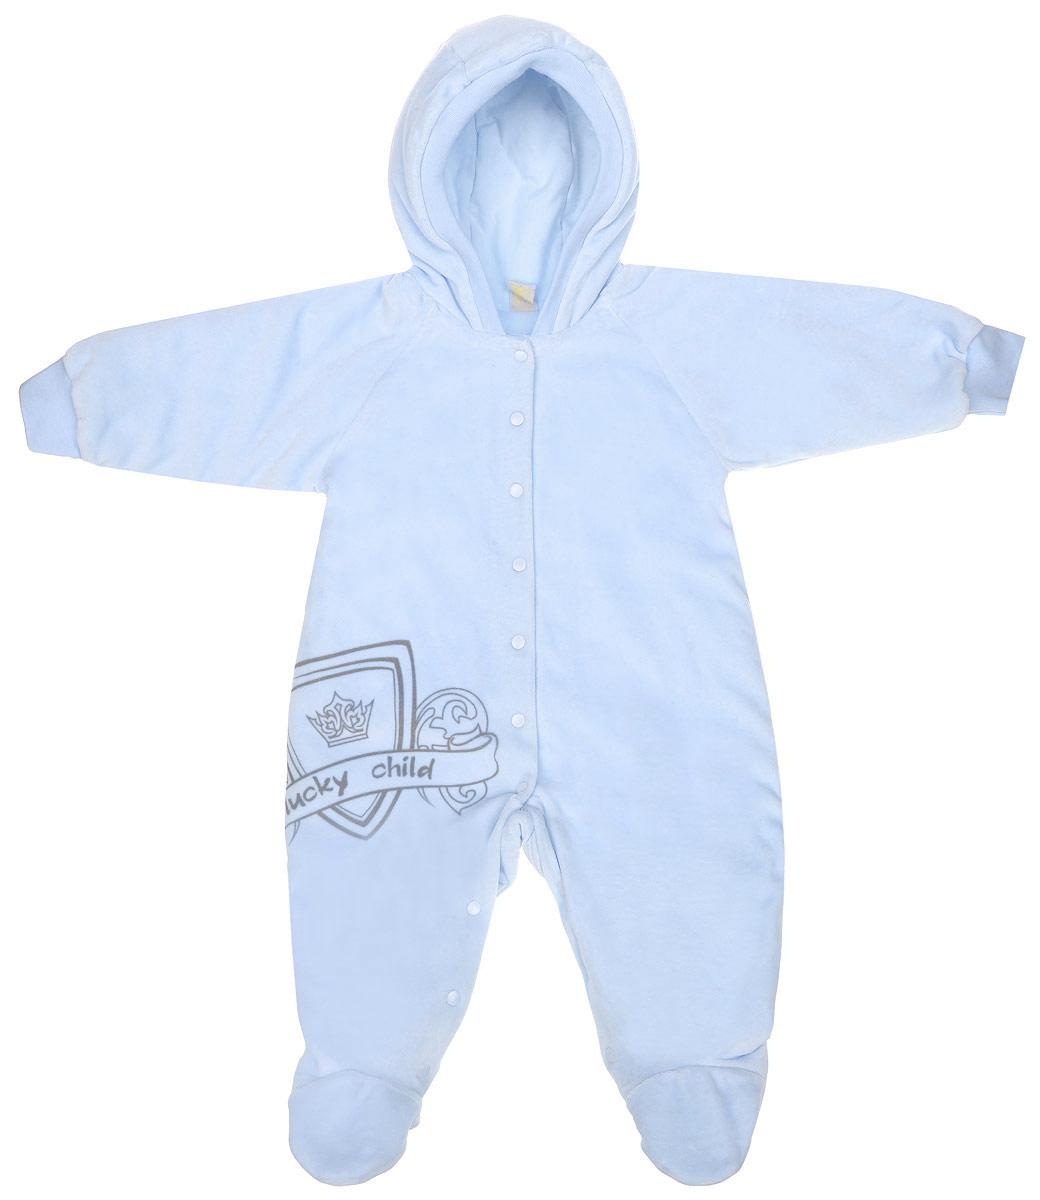 Комбинезон детский Lucky Child, цвет: голубой. 5-1. Размер 80/865-1Детский комбинезон Lucky Child - очень удобный и практичный вид одежды для малышей. Комбинезон выполнен из велюра на подкладке из натурального хлопка, благодаря чему он необычайно мягкий и приятный на ощупь, не раздражают нежную кожу ребенка и хорошо вентилируются, а эластичные швы приятны телу младенца и не препятствуют его движениям. В качестве утеплителя используется синтепон. Комбинезон с капюшоном, длинными рукавами-реглан и закрытыми ножками по центру застегивается на металлические застежки-кнопки, также имеются застежки-кнопки на ластовице, что помогает с легкостью переодеть младенца или сменить подгузник. Капюшон по краю дополнен широкой трикотажной резинкой. Рукава понизу дополнены широкими эластичными манжетами, которые мягко обхватывают запястья. Спереди изделие оформлено оригинальным принтом в виде логотипа бренда. С детским комбинезоном Lucky Child спинка и ножки вашего малыша всегда будут в тепле. Комбинезон полностью соответствует особенностям жизни младенца в ранний период, не стесняя и не ограничивая его в движениях!